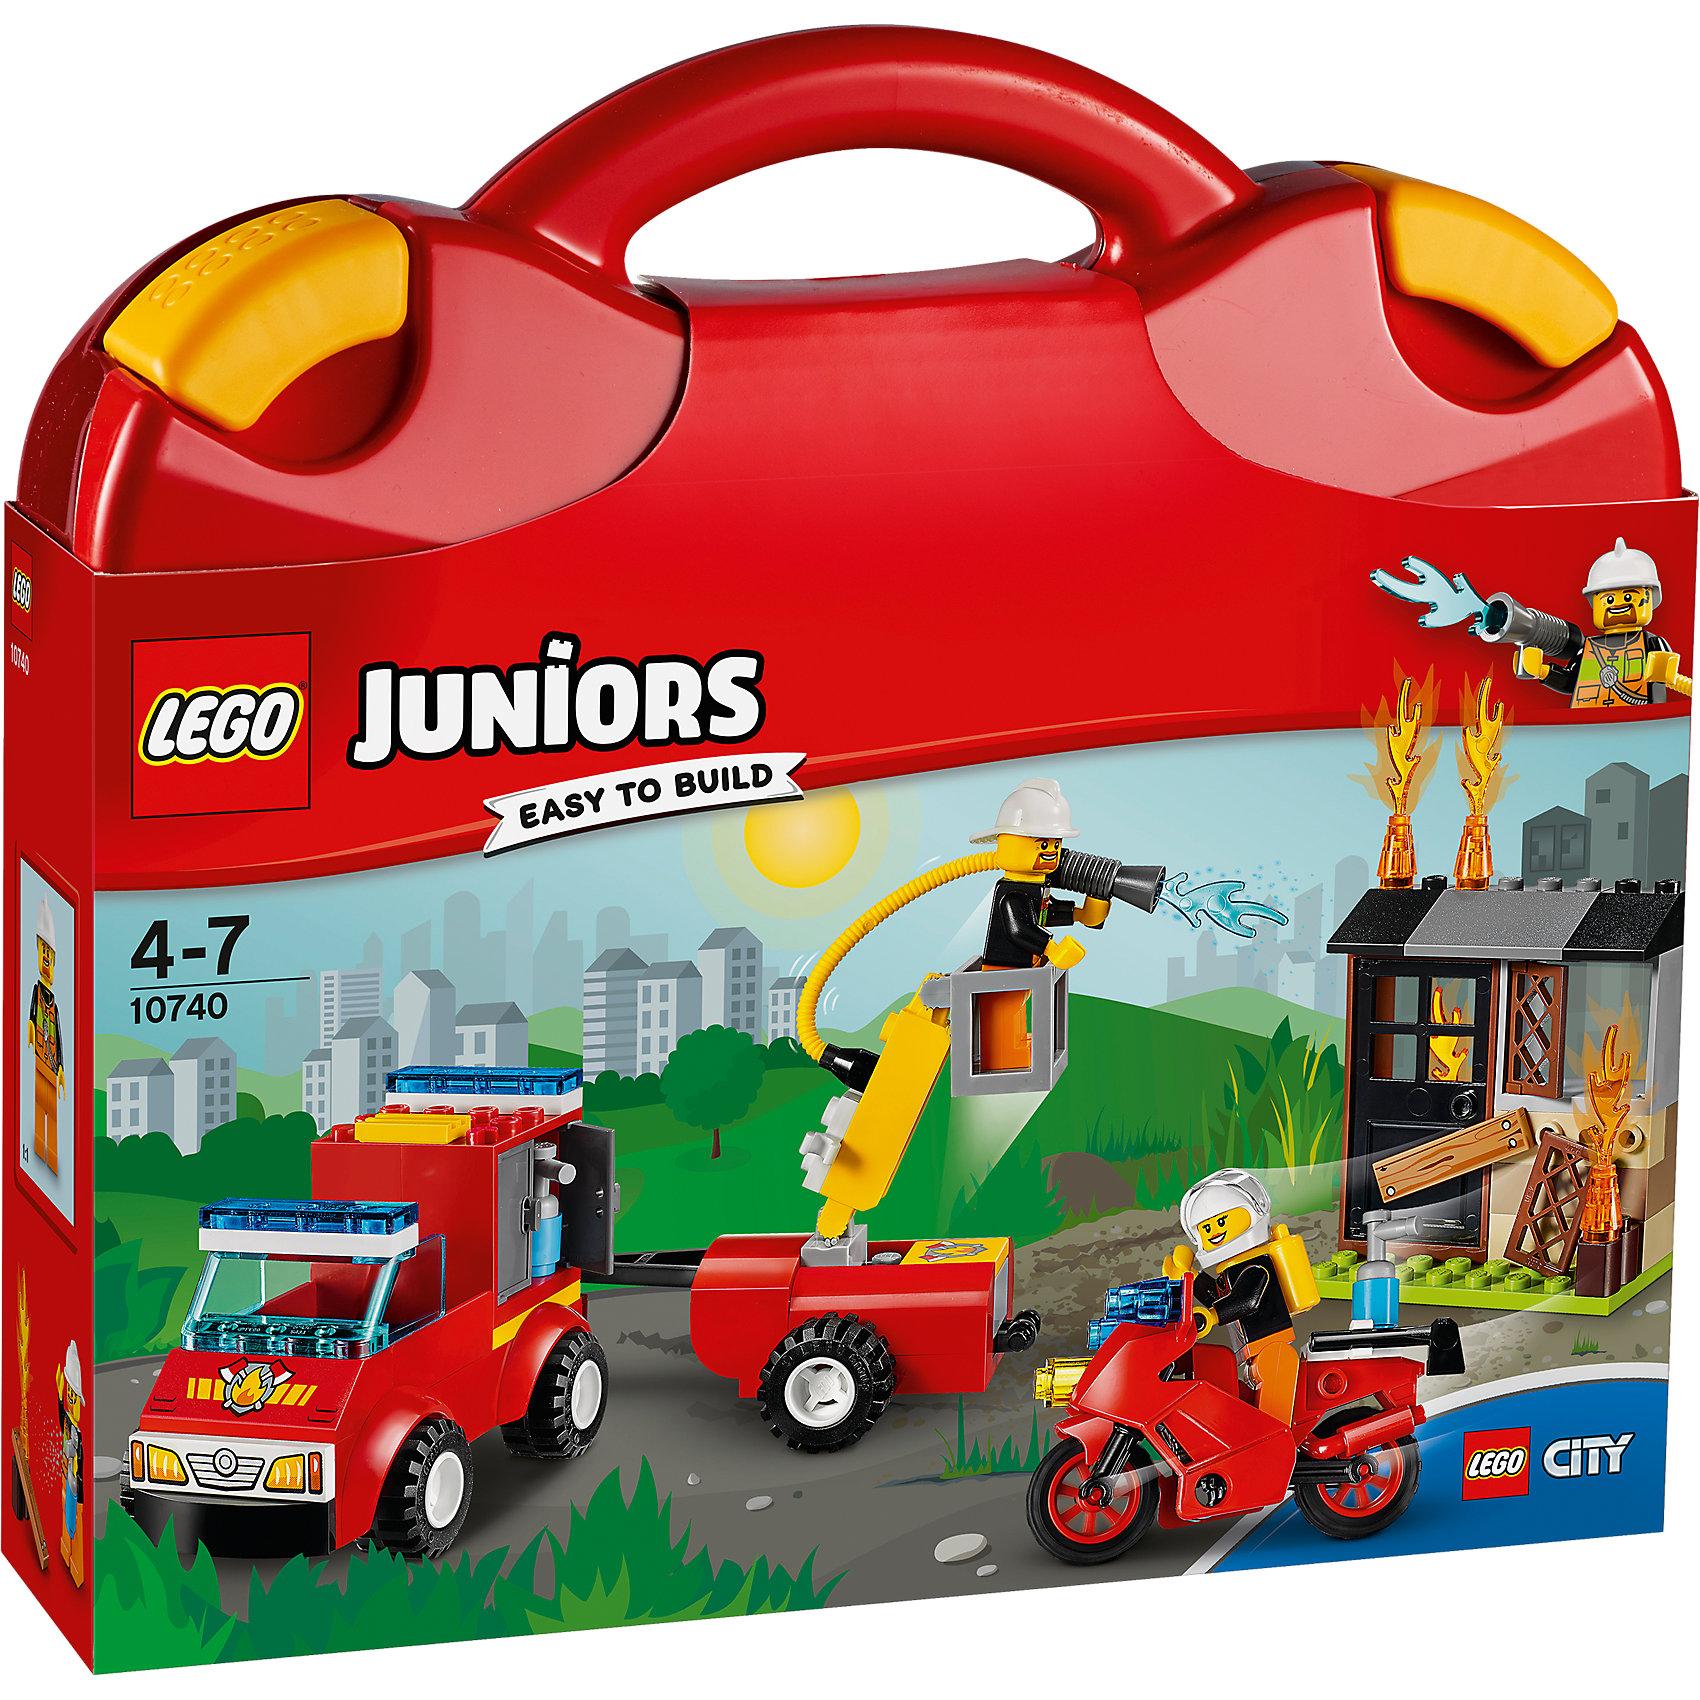 LEGO Juniors 10740: Чемоданчик «Пожарная команда»Пластмассовые конструкторы<br>LEGO Juniors 10740: Чемоданчик «Пожарная команда»<br><br>Характеристики:<br><br>- в набор входит: детали мотоцикла, пожарной машины, постройки, 2 минифигурки, аксессуары, красочная инструкция<br>- минифигурки набора: пожарный мужчина, пожарная женщина<br>- состав: пластик<br>- количество деталей: 110 <br>- размер чемоданчика: 28 * 6 * 26 см.<br>- размер пожарной машины с прицепом: 20 * 5 * 18 см.<br>- для детей в возрасте: от 4 до 7 лет<br>- Страна производитель: Дания/Китай/Чехия<br><br>Легендарный конструктор LEGO (ЛЕГО) представляет серию «Juniors» (Джуниорс) для новичков в строительстве из конструктора ЛЕГО. Набор «Пожарная команда» включает в себя все необходимое для игры в пожарных. Пожарный расчет набора состоит из пожарного мужчины на машине с прицепом и пожарной женщины на мотоцикле. Мотоцикл оборудован небольшим огнетушителем для небольшого локального огня, а машина с прицепом оснащена баком с водой и раствором для тушения. Специальный гидравлический кран поможет поднять одного из пожарных вверх и тушить дом эффективнее. Небольшая заброшенная постройка заколочена деталью-доской, чтобы пробраться в здание пожарным понадобится электрическая пила, в пожарной машине такая имеется. Все детали набора легко собираются и в них можно уже играть. Благодаря удобному пластиковому чемоданчику на защелках конструктор можно эргономично хранить. Играя с конструктором ребенок развивает моторику рук, воображение и логическое мышление. Придумывайте новые игры с набором LEGO «Juniors»!<br><br>Конструктор LEGO Juniors 10740: Чемоданчик «Пожарная команда» можно купить в нашем интернет-магазине.<br><br>Ширина мм: 284<br>Глубина мм: 266<br>Высота мм: 68<br>Вес г: 741<br>Возраст от месяцев: 48<br>Возраст до месяцев: 84<br>Пол: Мужской<br>Возраст: Детский<br>SKU: 5002522